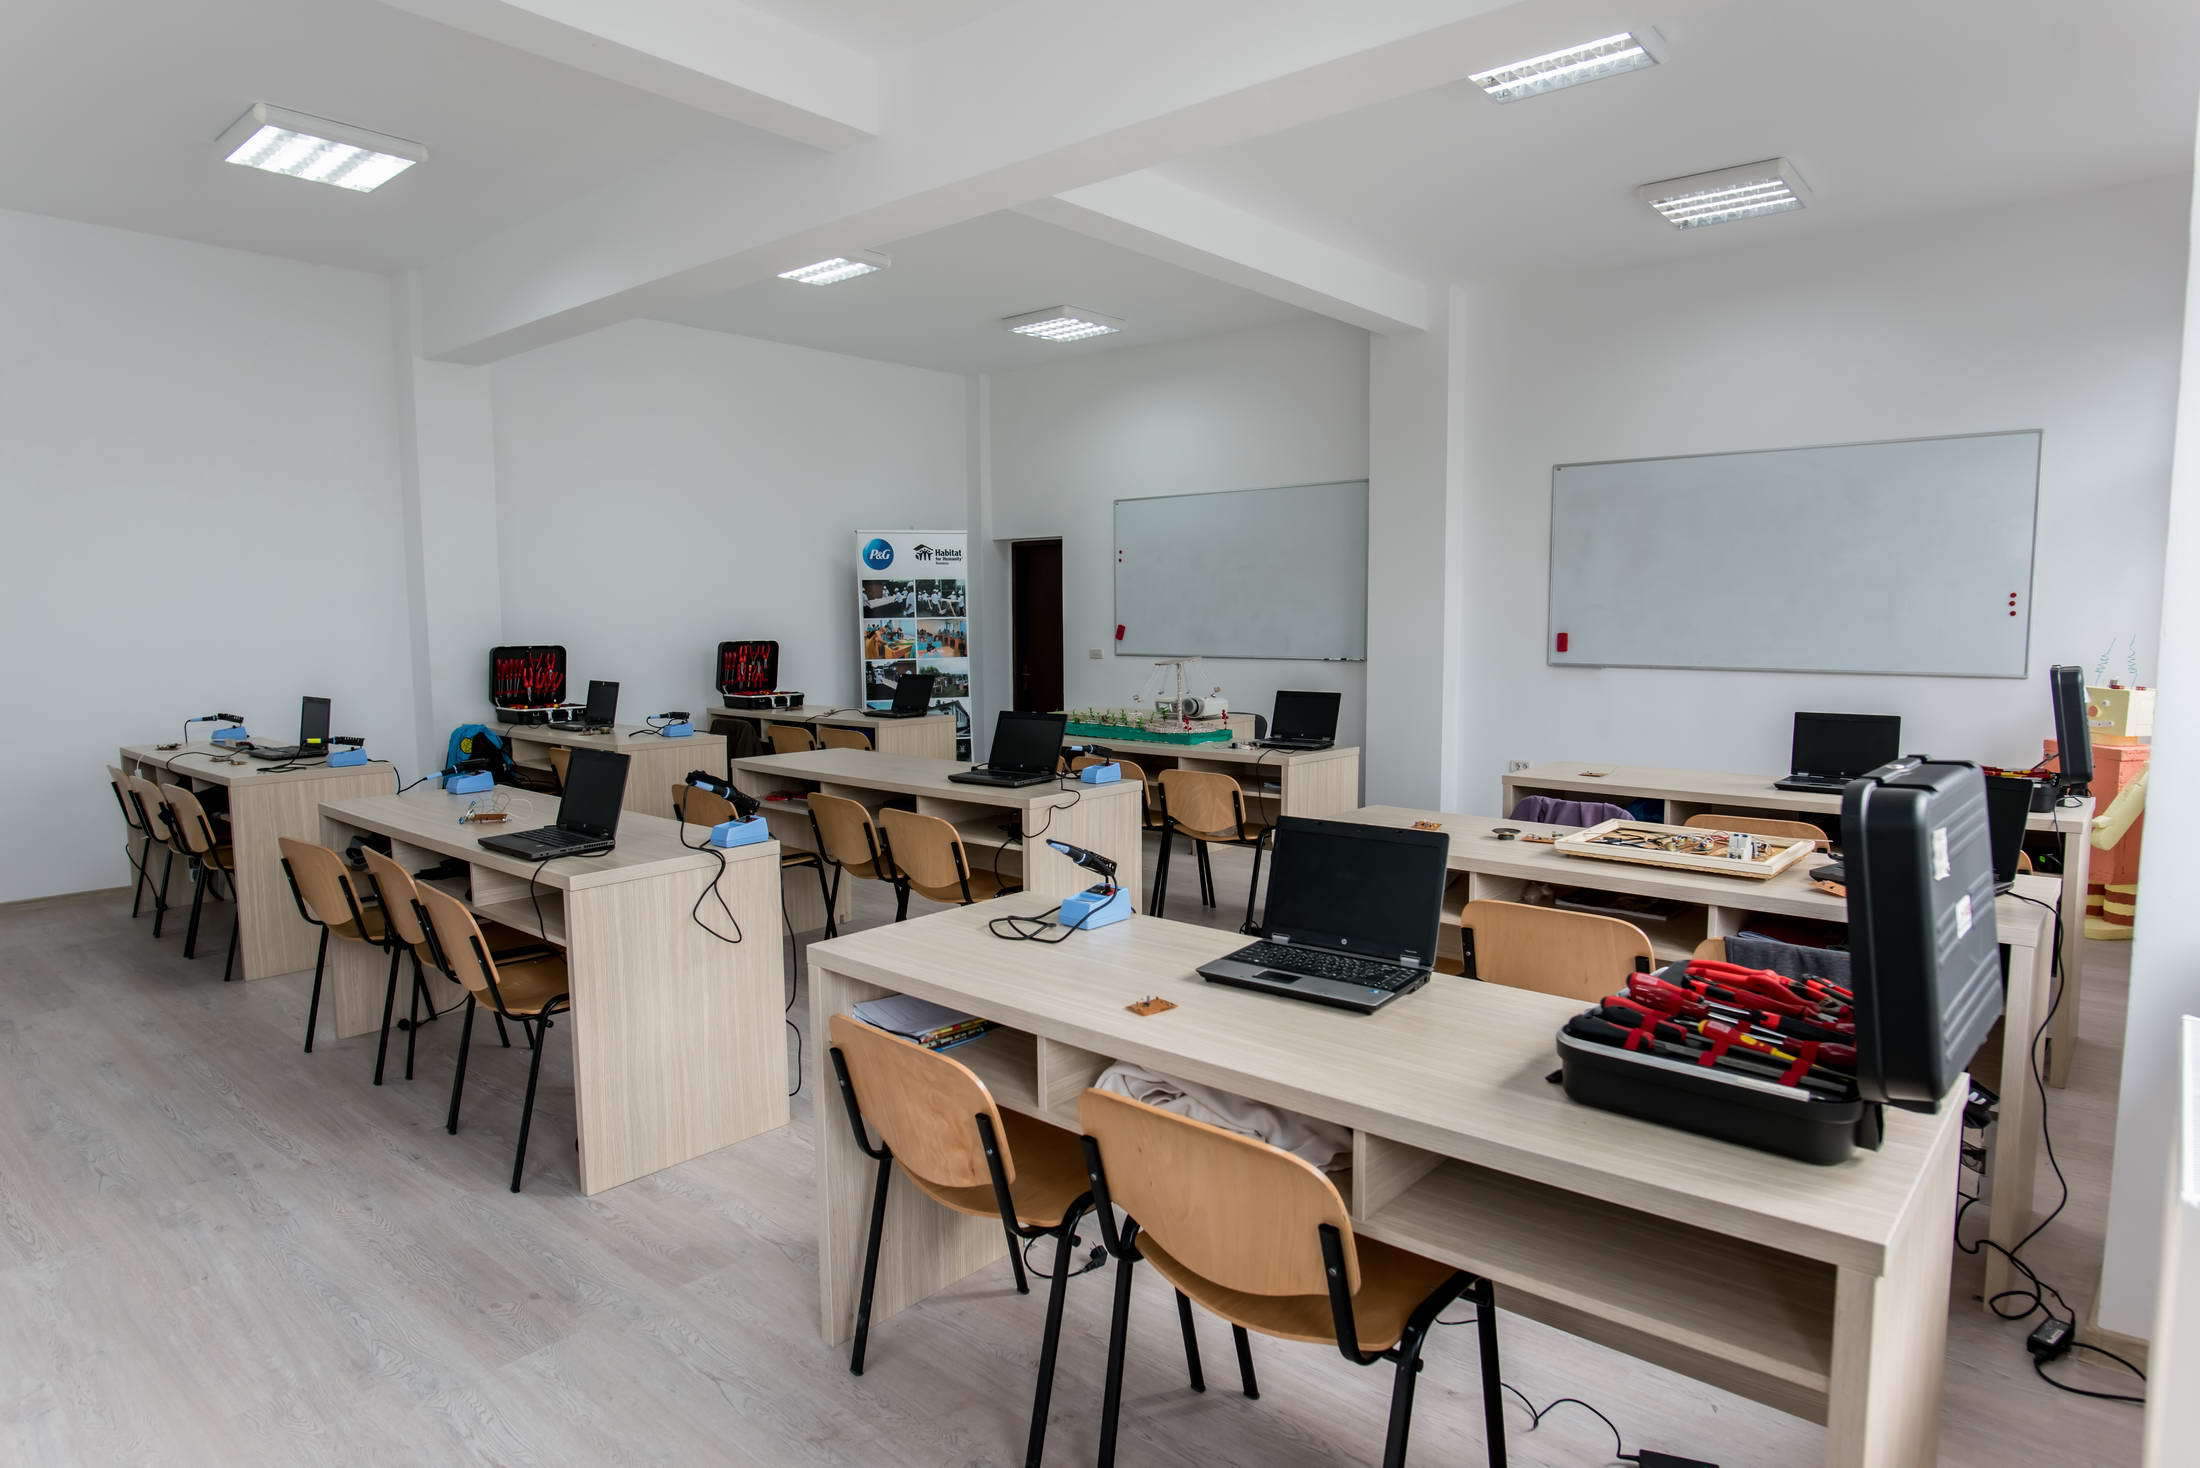 REVELION printre bănci: O şcoală din Vrancea, transformată în sală de dans pentru petrecerea de Revelion/  Organizatorii au avut acordul primarului | VIDEO